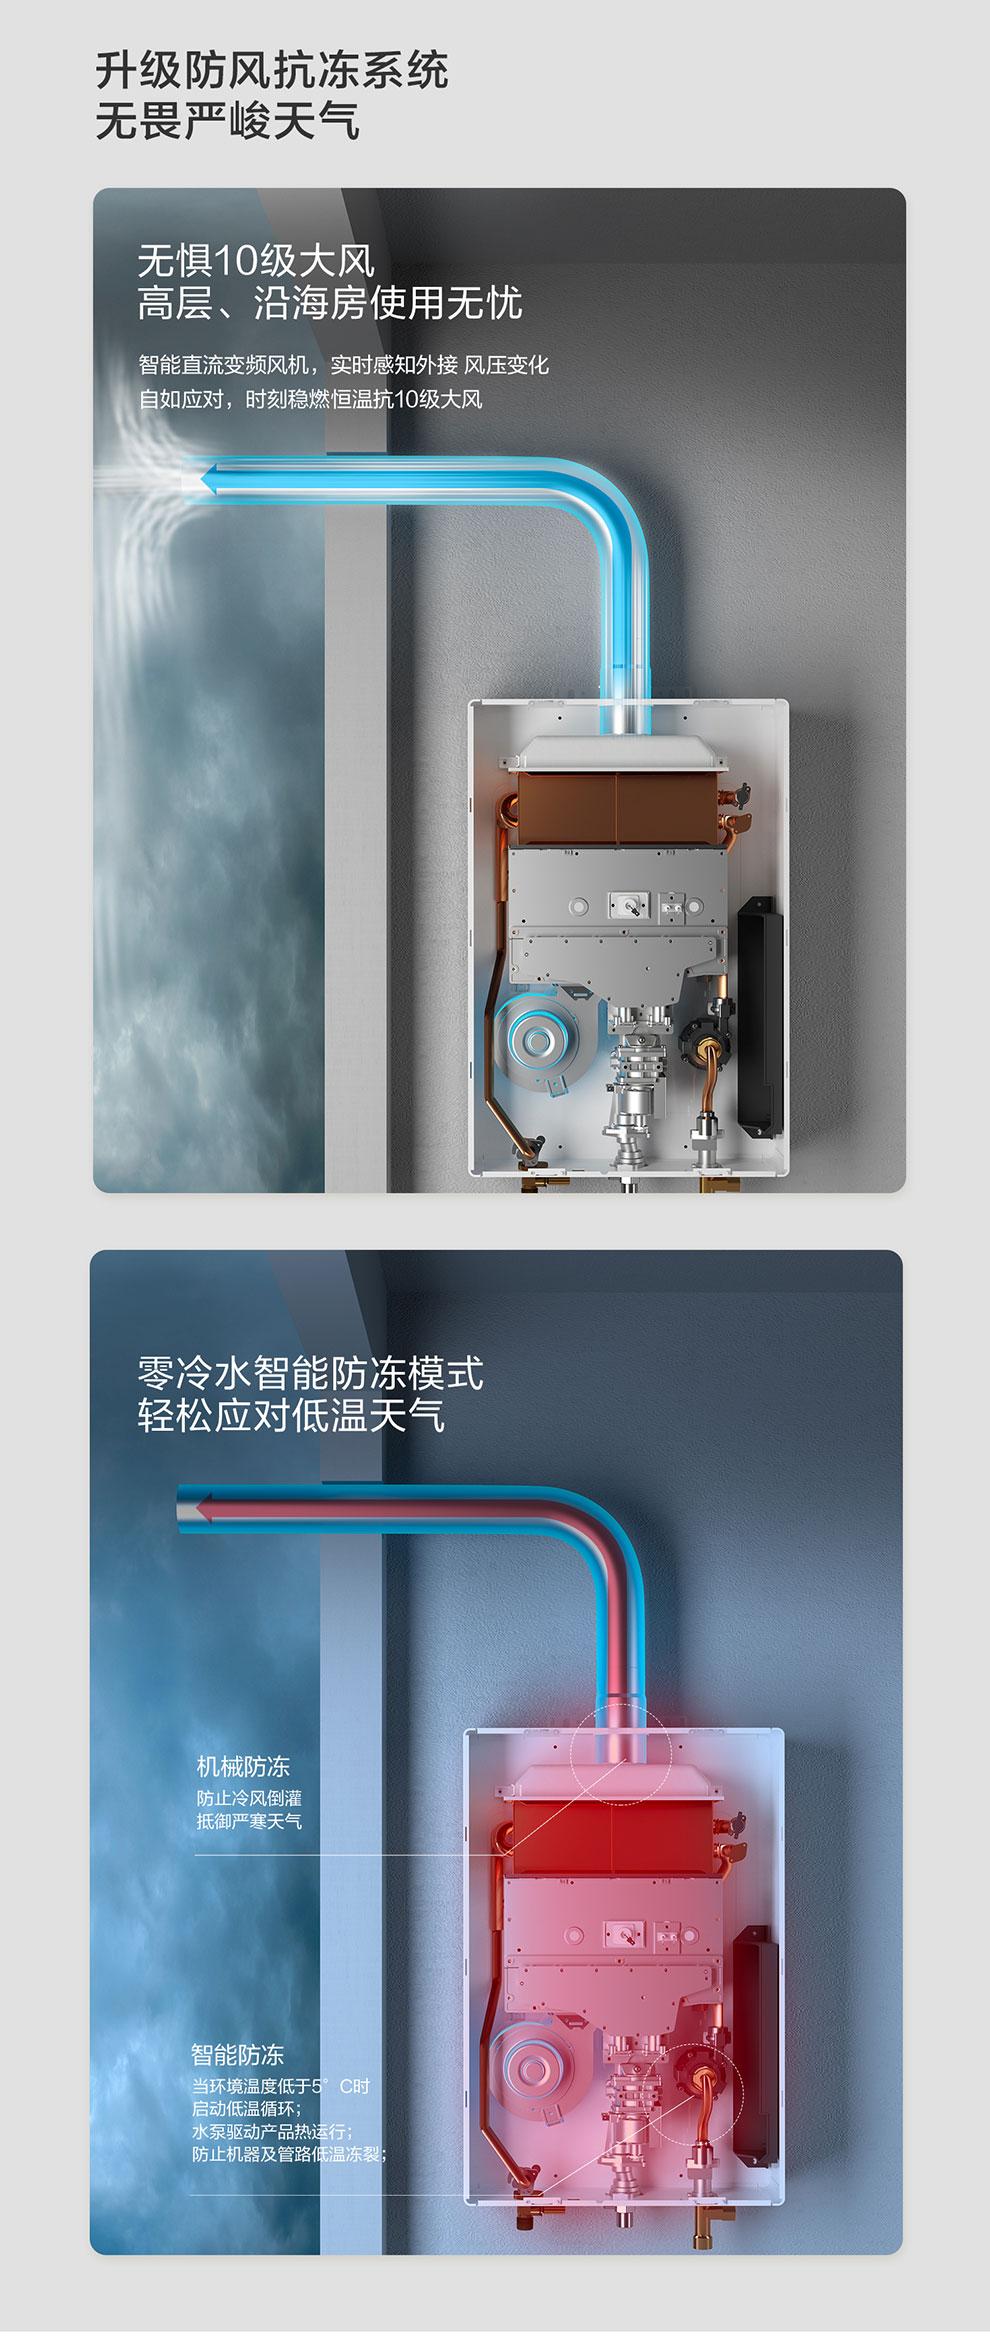 樱花燃气热水器 - 零冷水